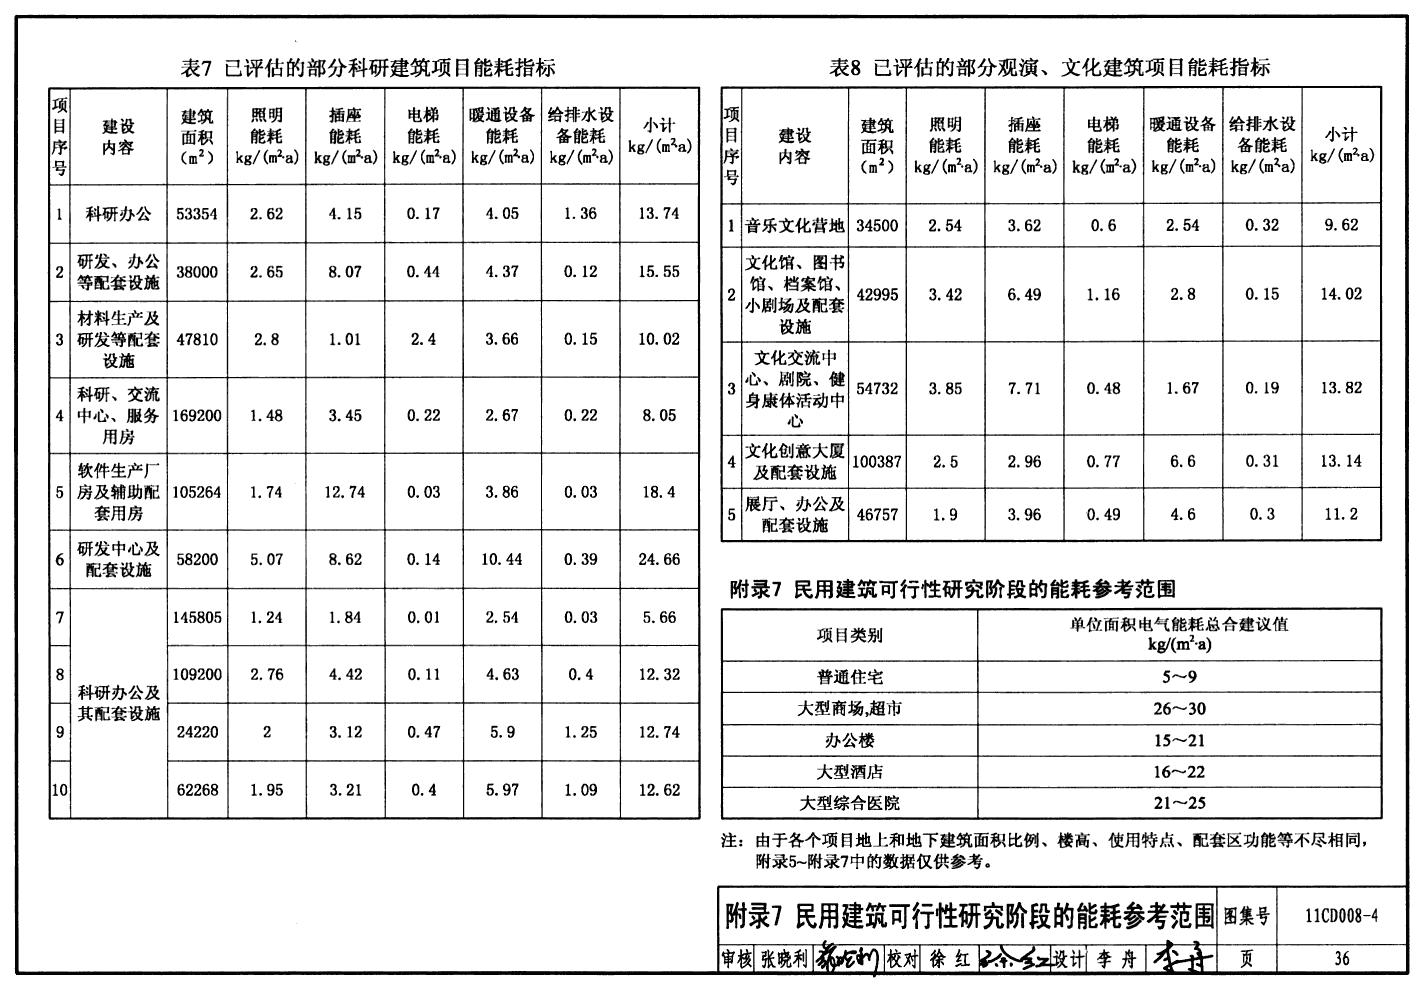 可行性报告标准_11CD008-4:固定资产投资项目节能评估文件编制要点及示例(电气 ...